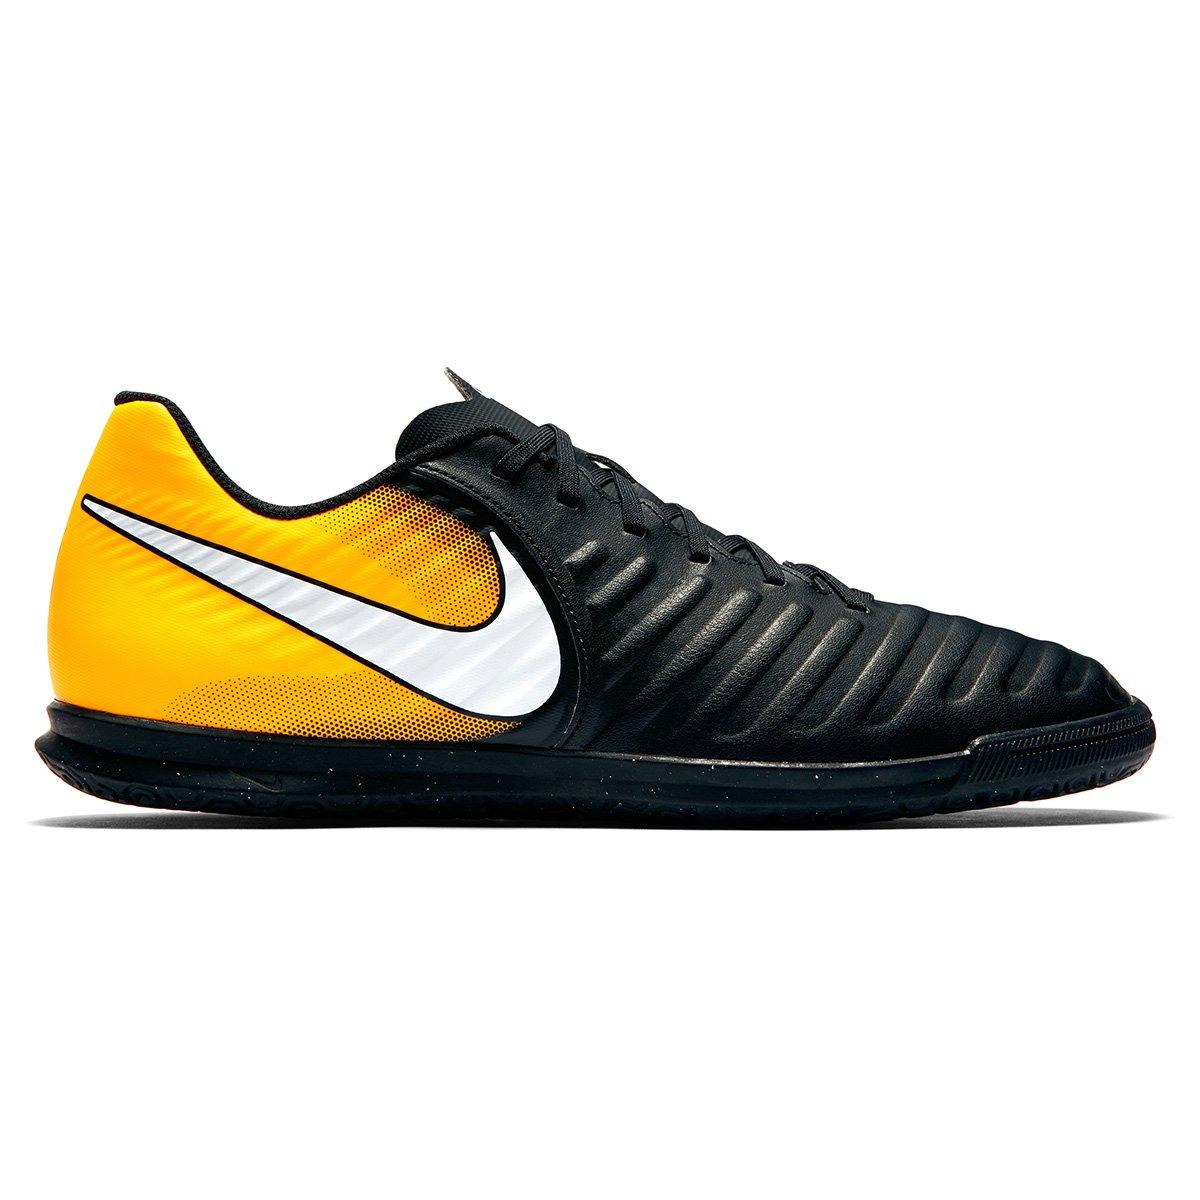 ca7a3e709 Chuteira Futsal Nike Tiempo Rio 4 IC